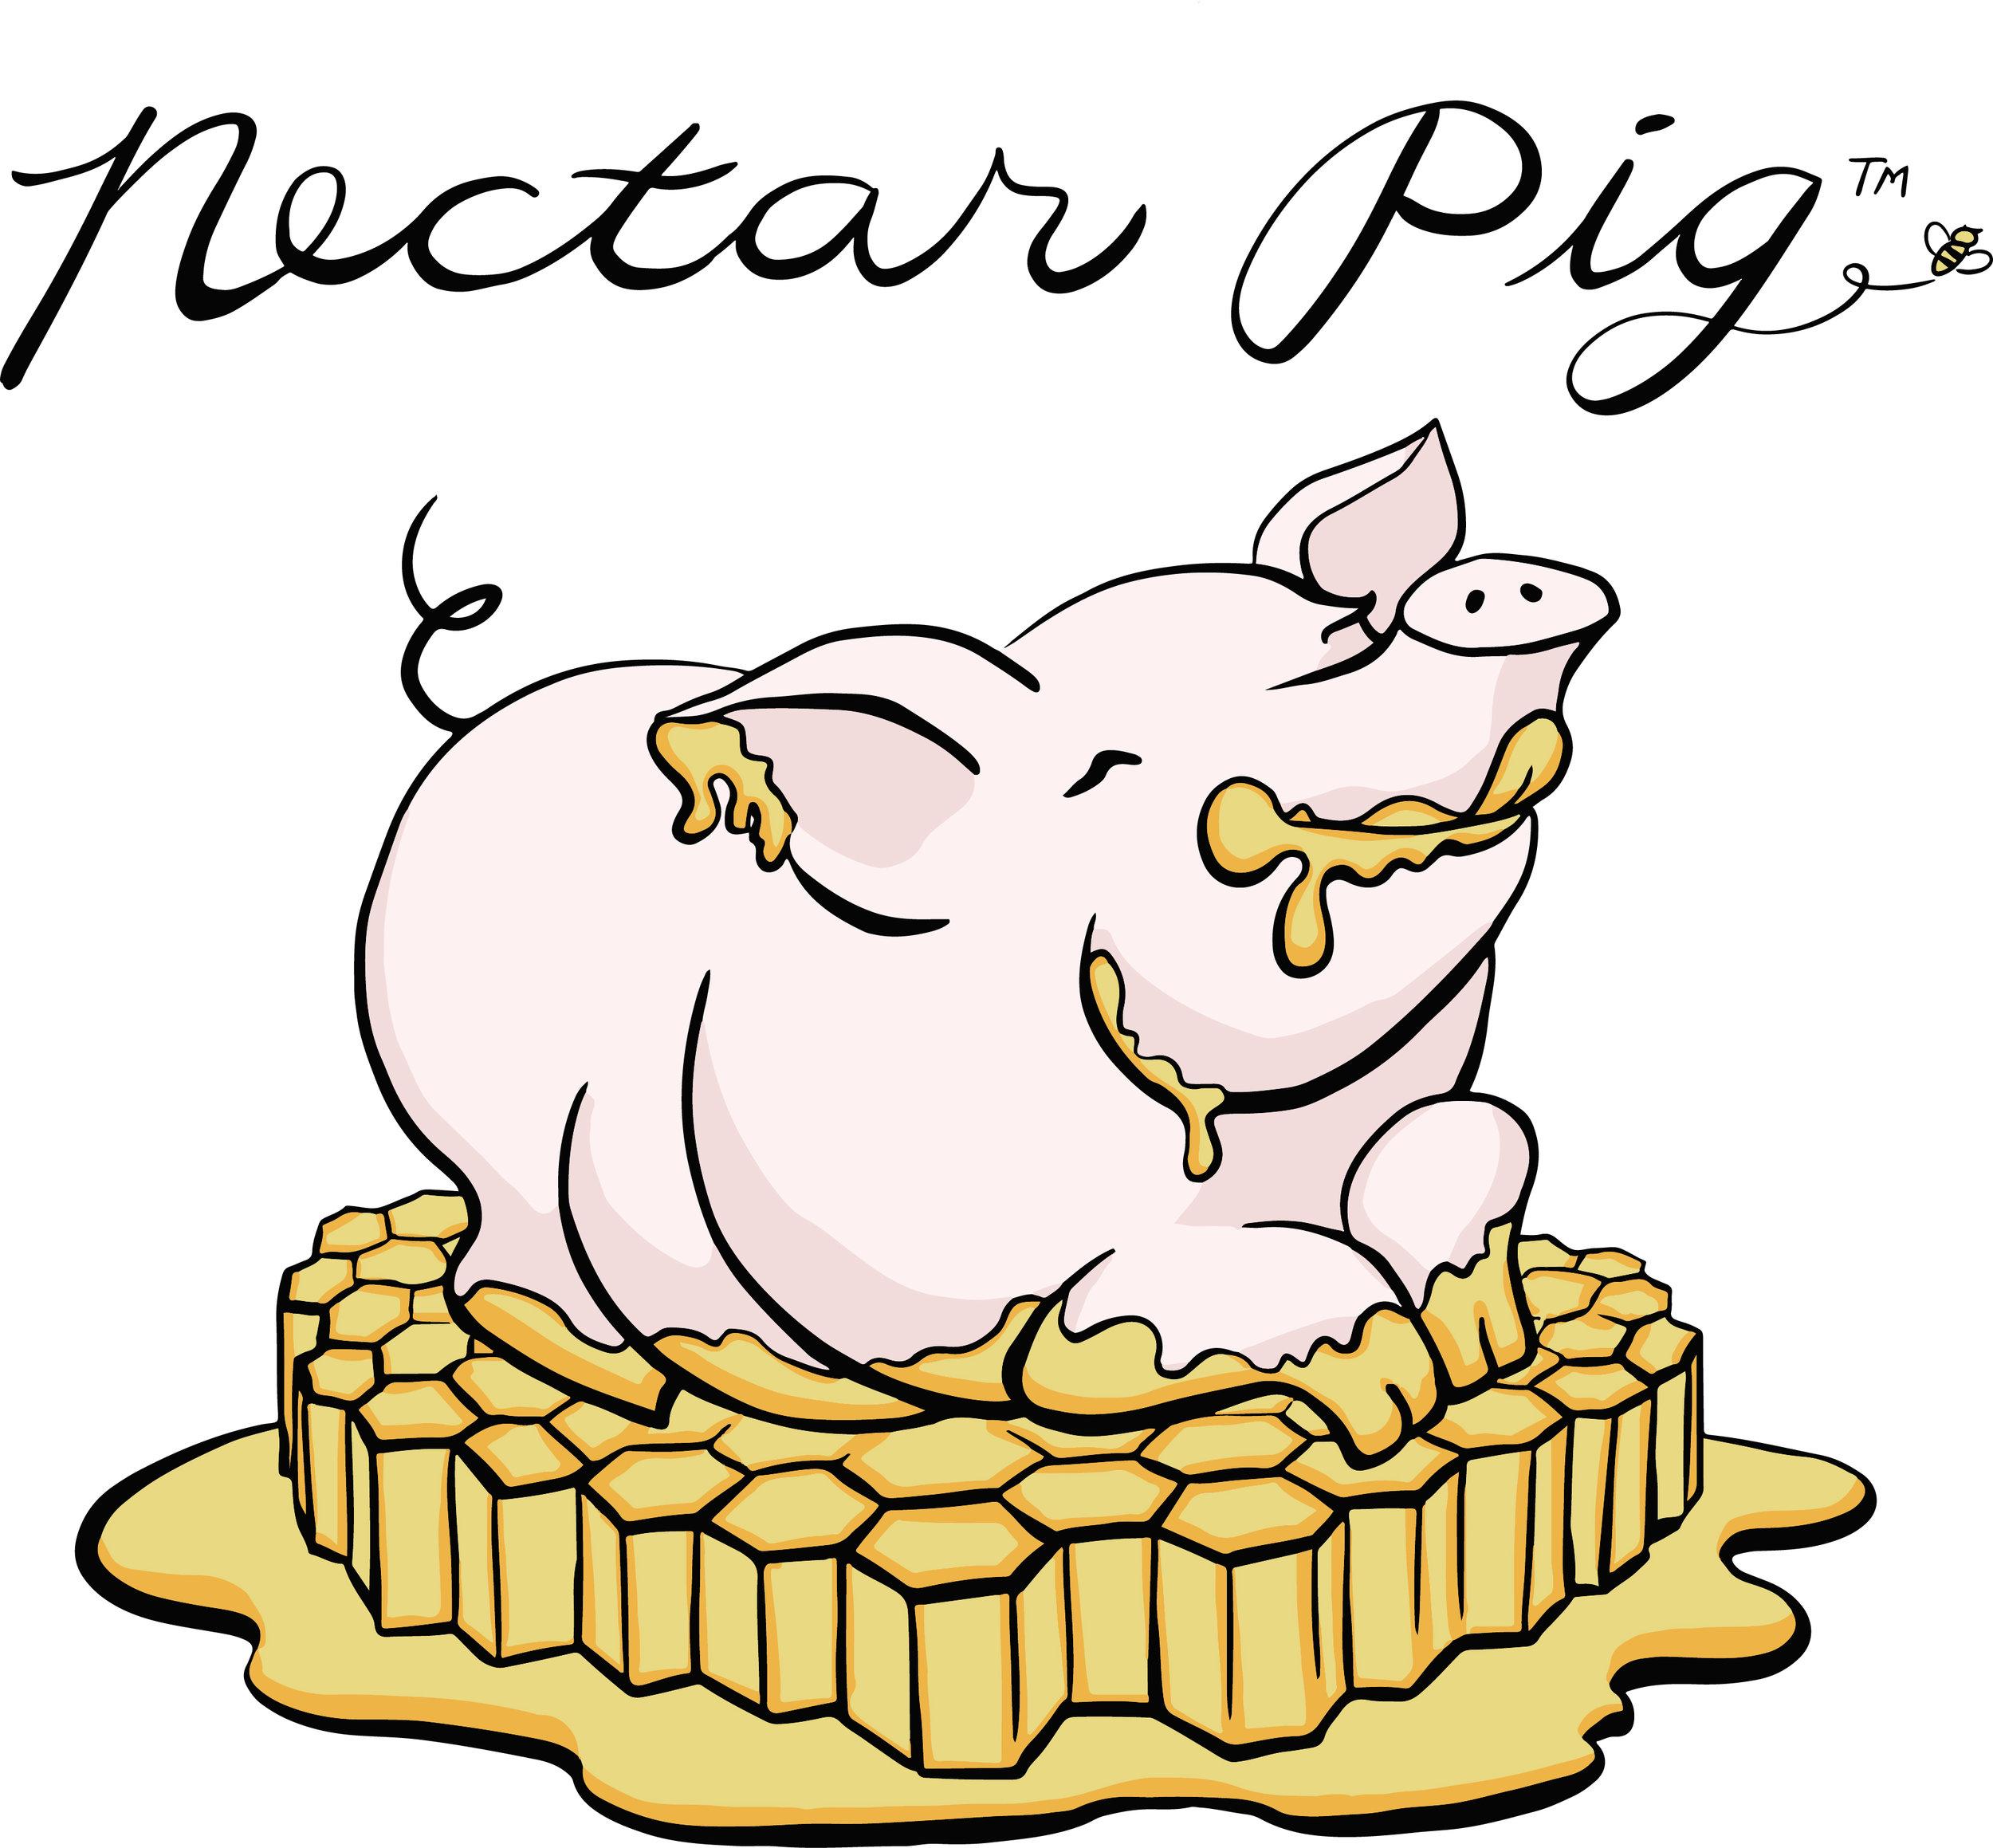 Nectar Pig Logo - original - 1 line text.jpg